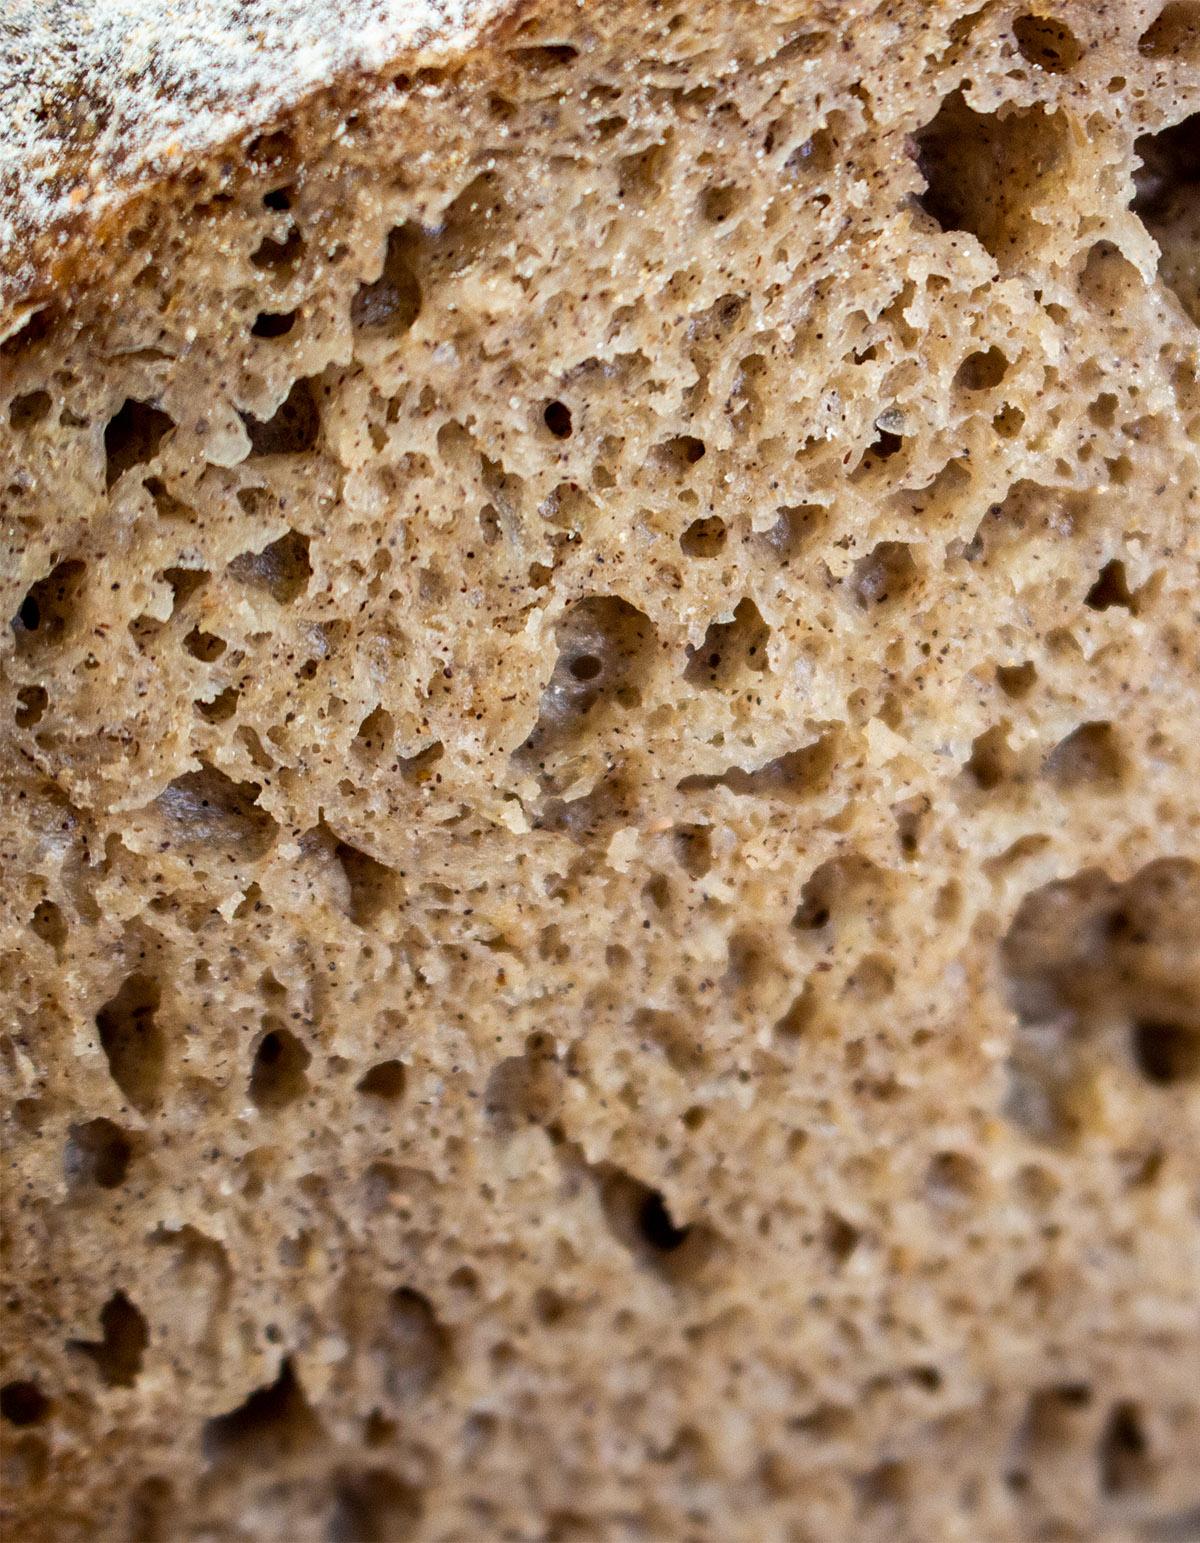 glutenfreies Brot backen, glutenfreies Sauerteigbrot, perfekte Krume, Buchweizenbrot, vegan backen, gluten-free vegan sourdough bread, the perfect crumb